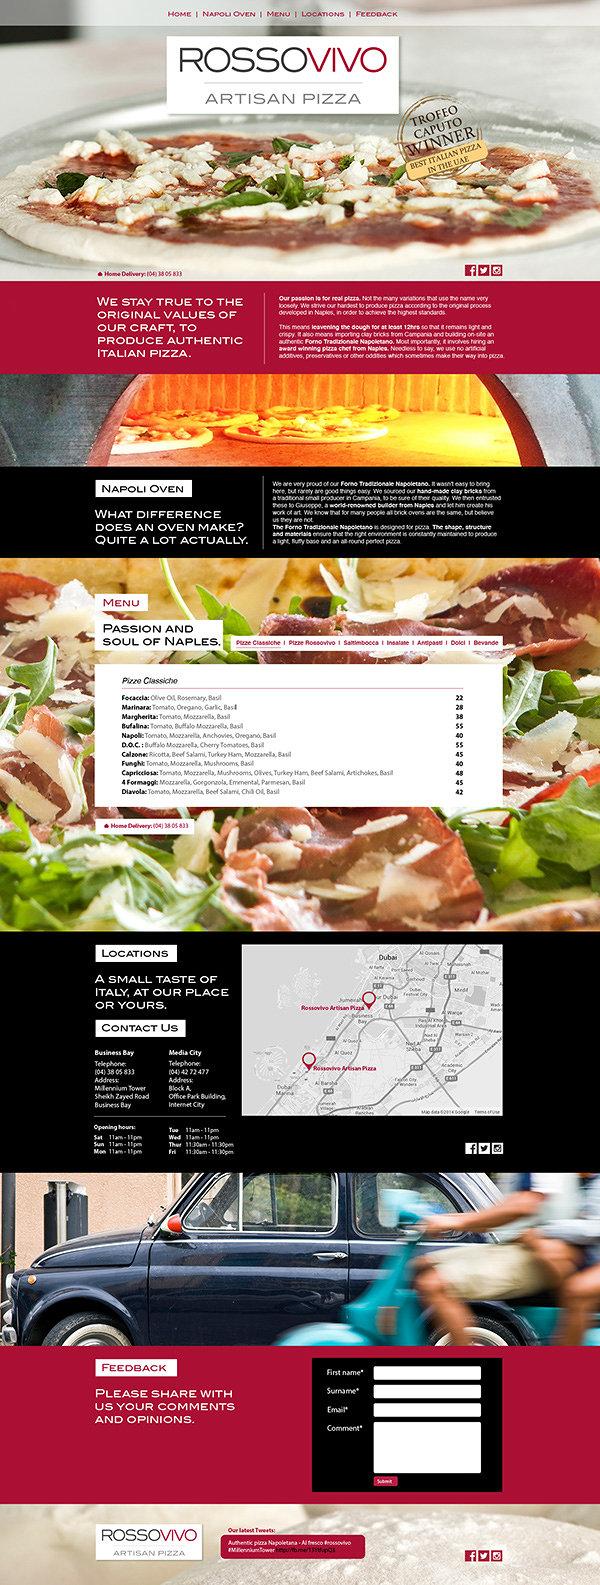 Rossovivo Artisan Pizza website